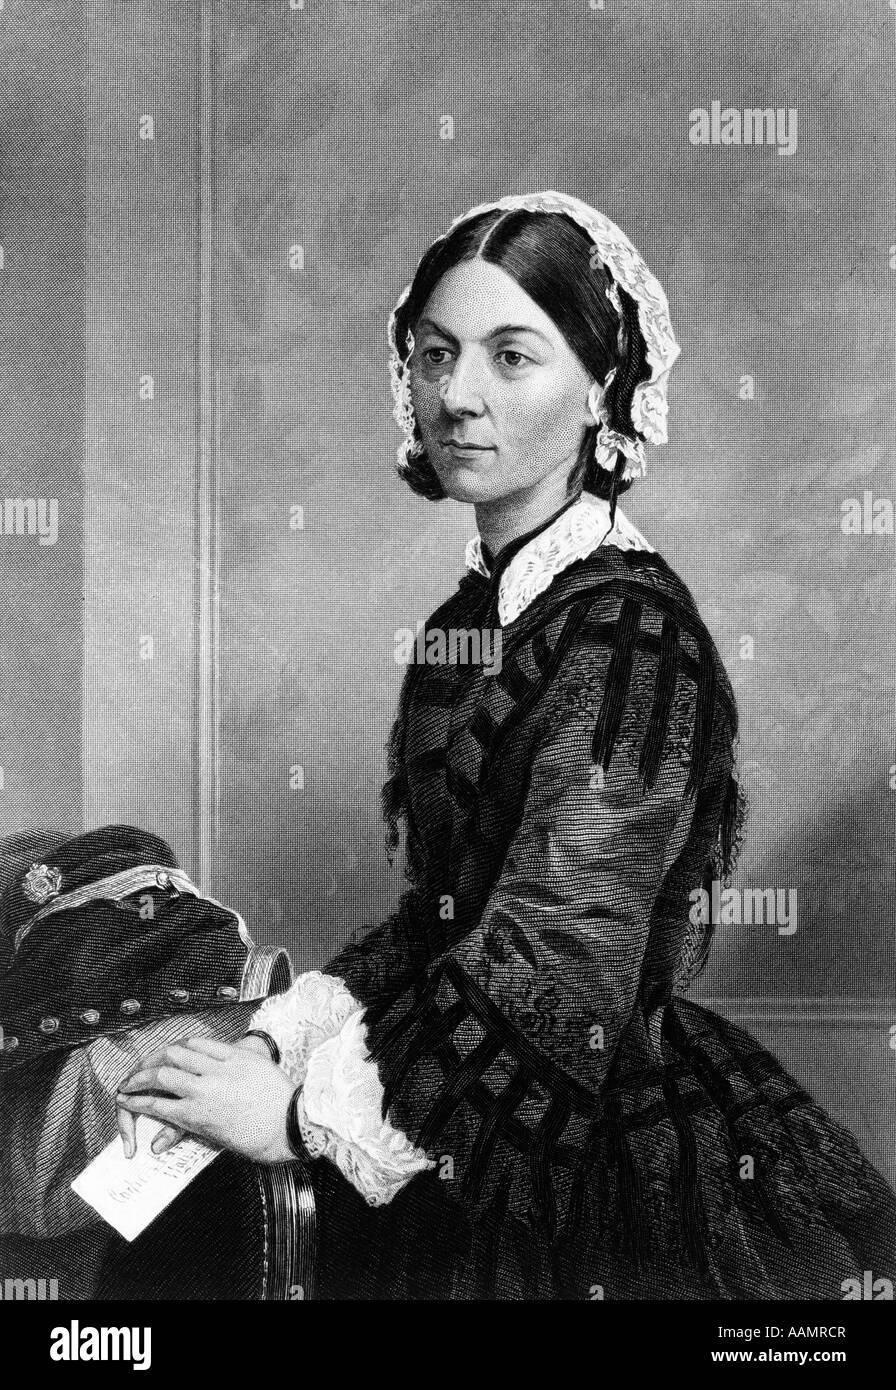 1800S 1870S PORTRAIT FLORENCE NIGHTINGALE BRITISCHE KRANKENSCHWESTER GRÜNDER DER MODERNEN KRANKENPFLEGE IM Stockbild